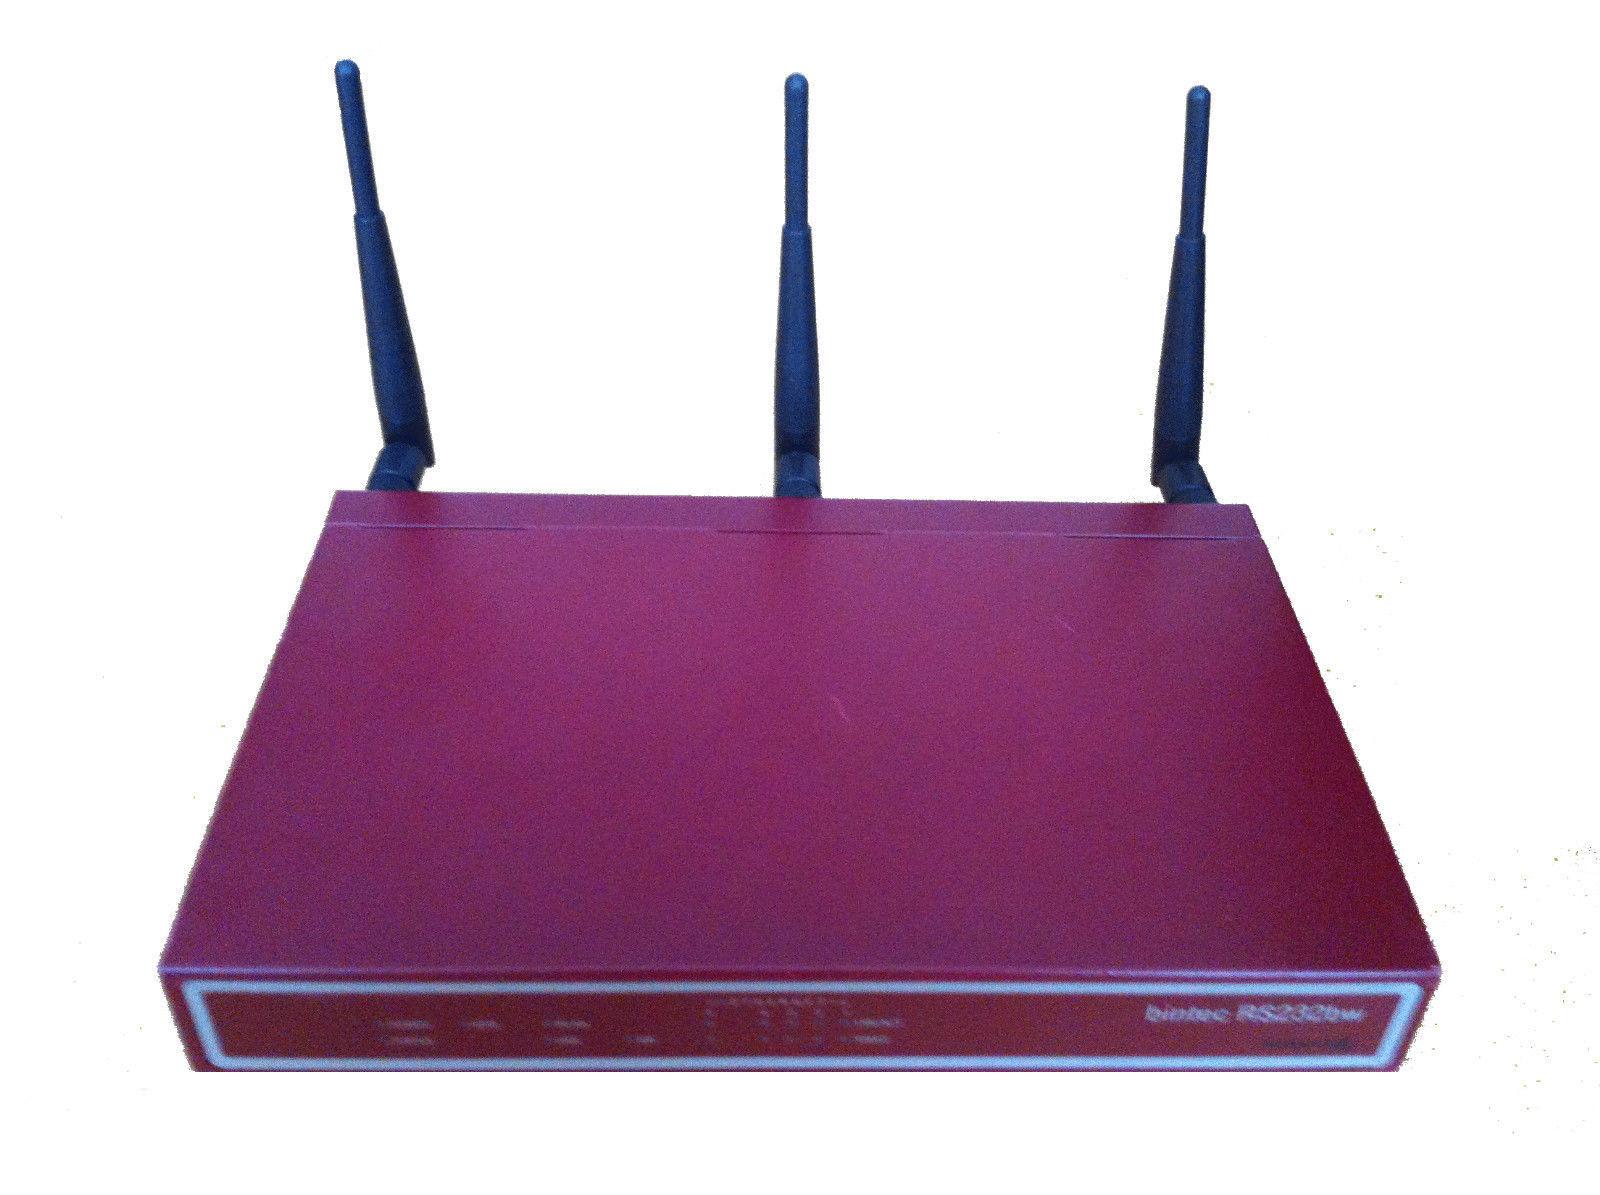 Bintec Funkwerk WLAN Router Rs232bw #90 | eBay